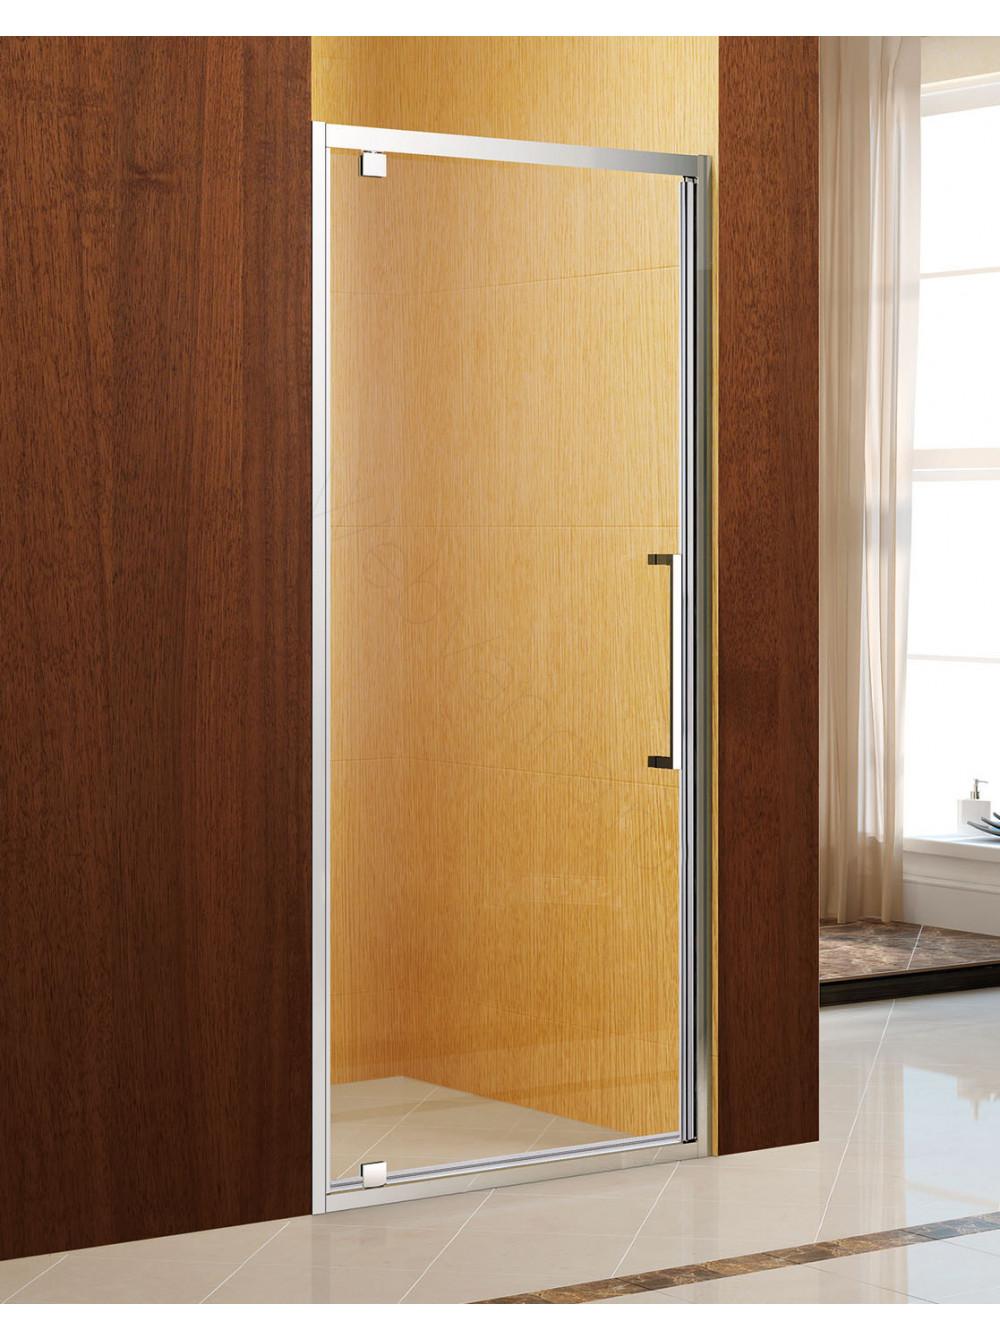 металлическая дверь 190 на 90